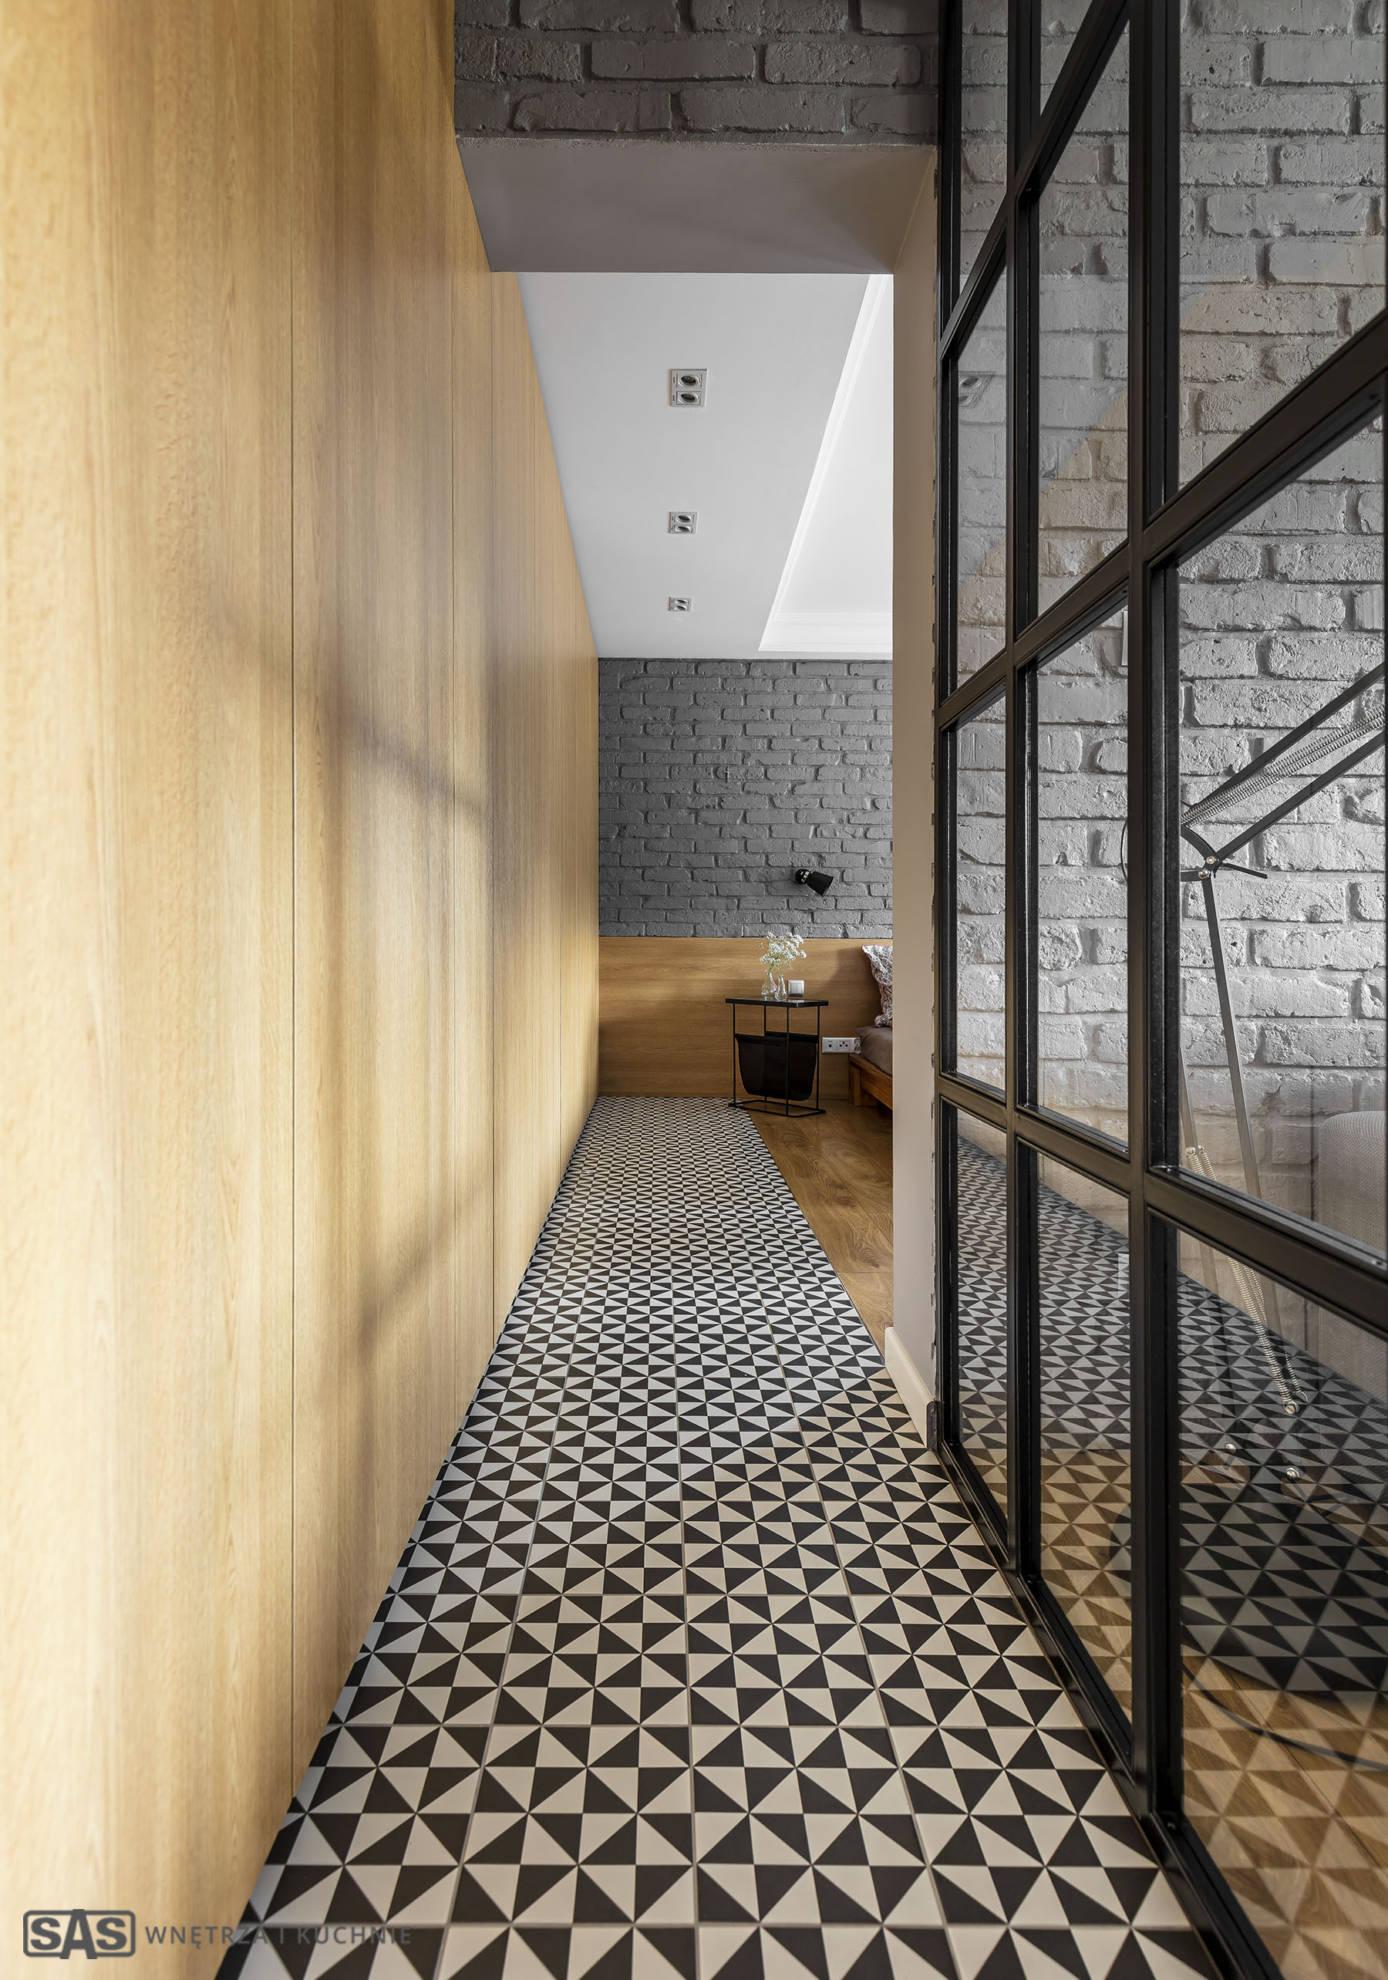 Korytarz - meble SAS Wnętrza i Kuchnia, projekt architekt wnętrz Emilia Strzempek Plasun.